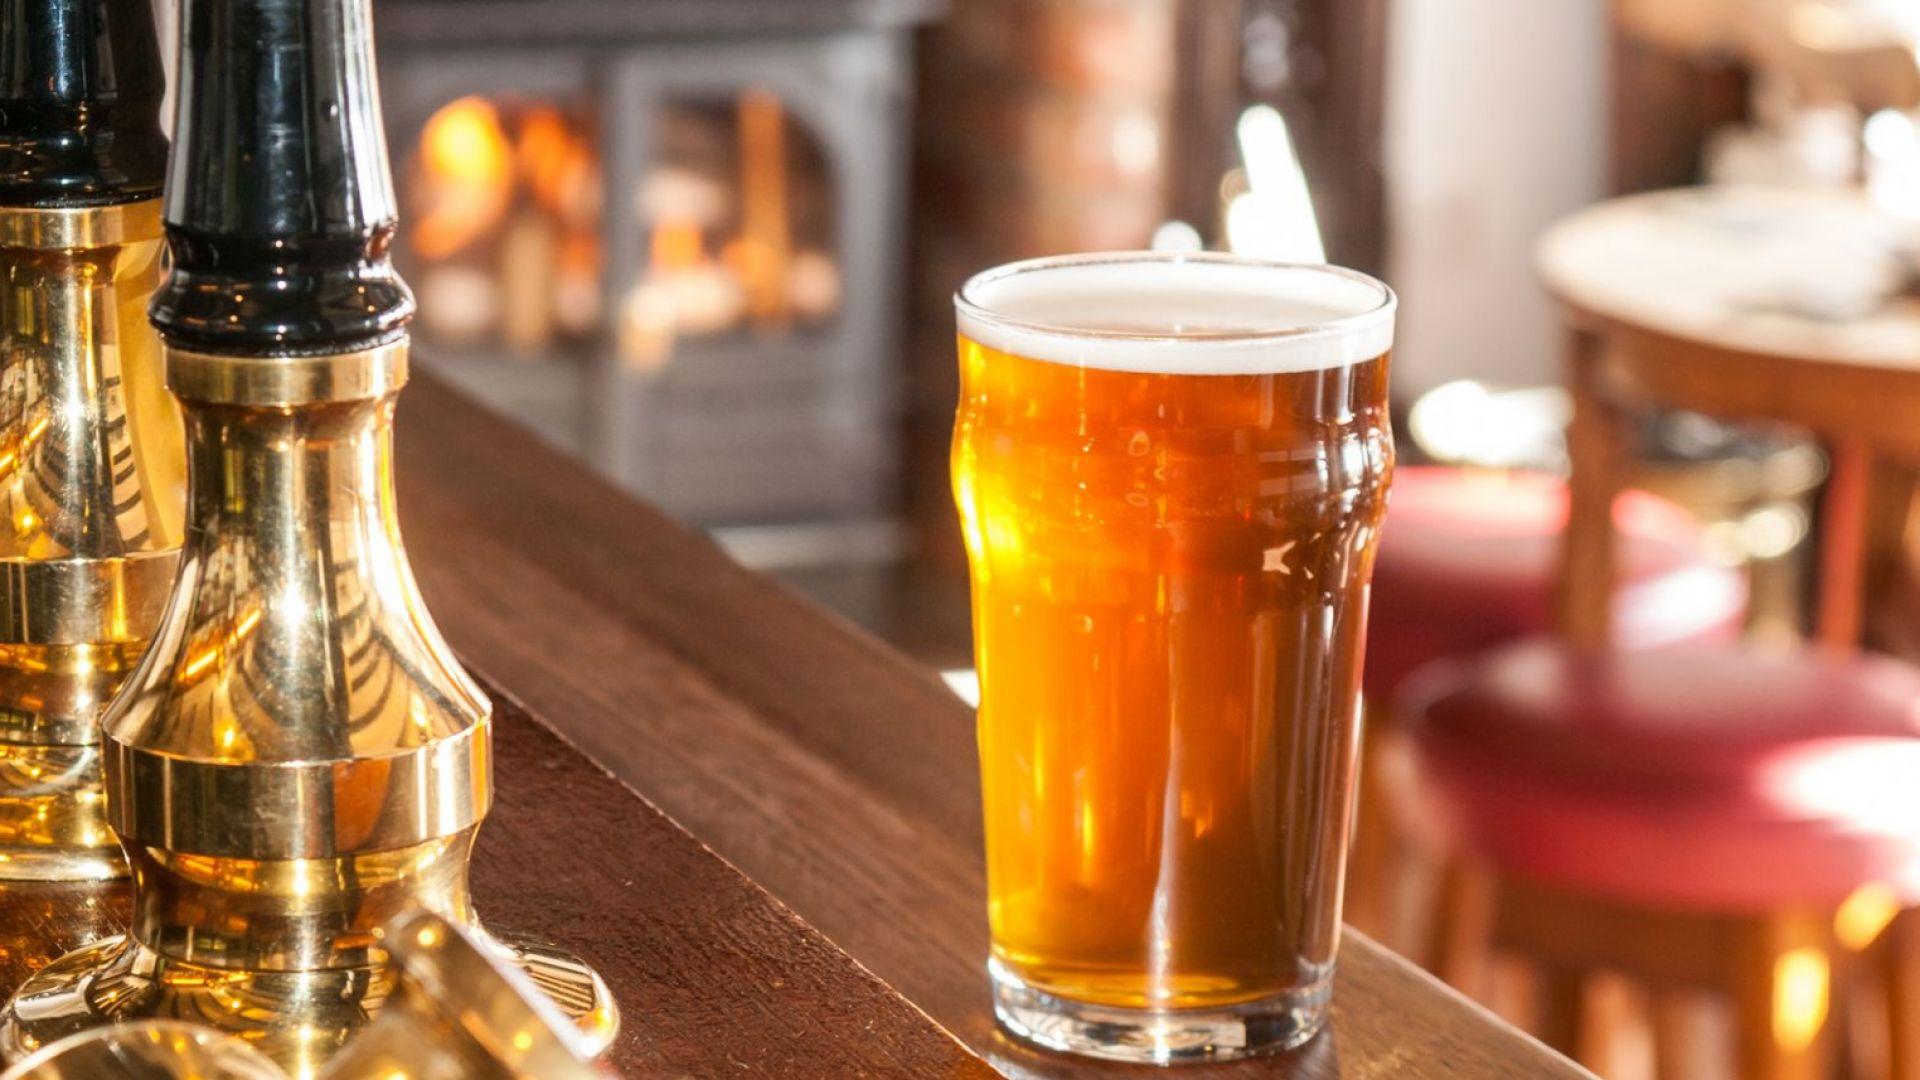 1 млрд. халби наливна бира са изтекли в канализацията във Великобритания заради пандемията